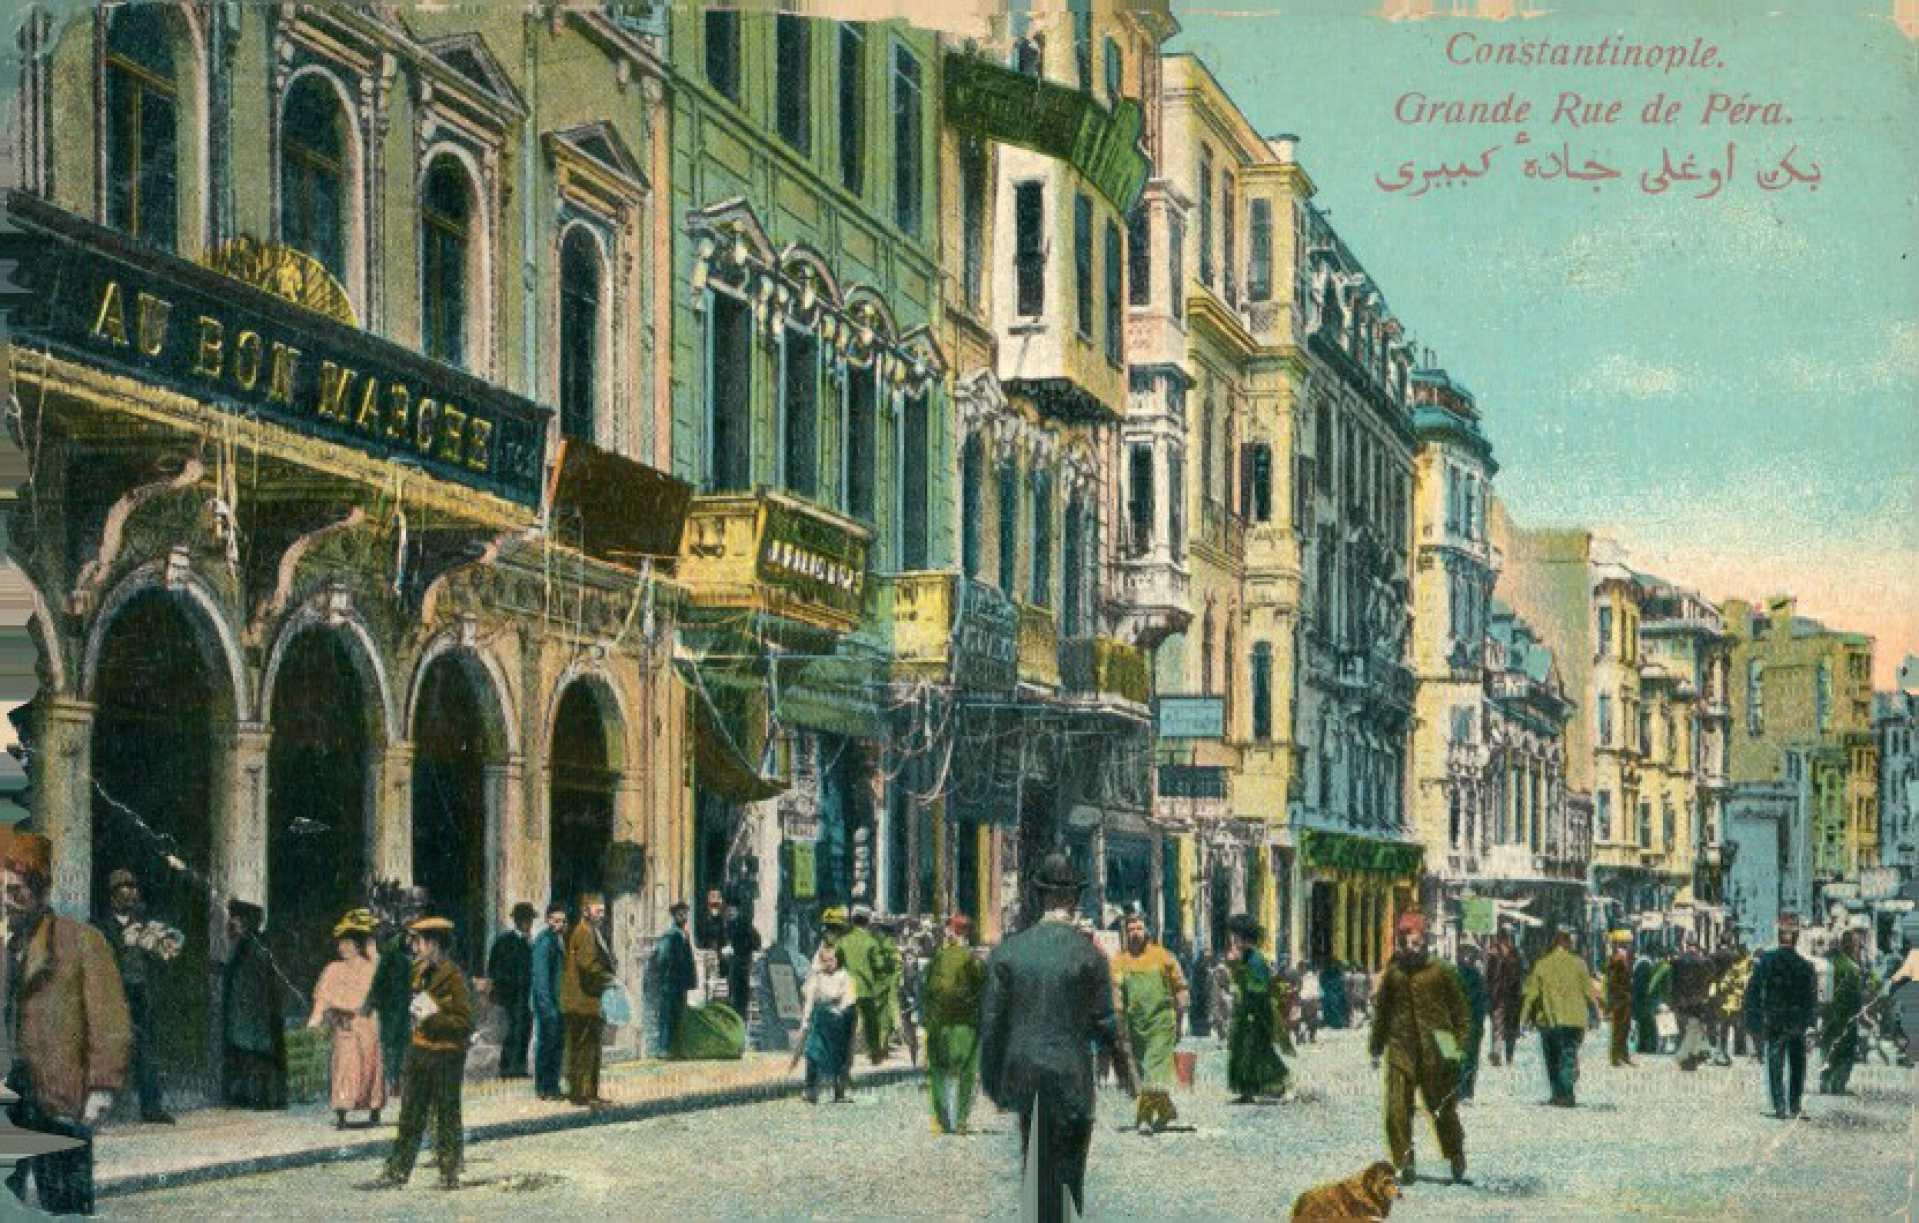 Constantinople. Grand Rue de Pera.